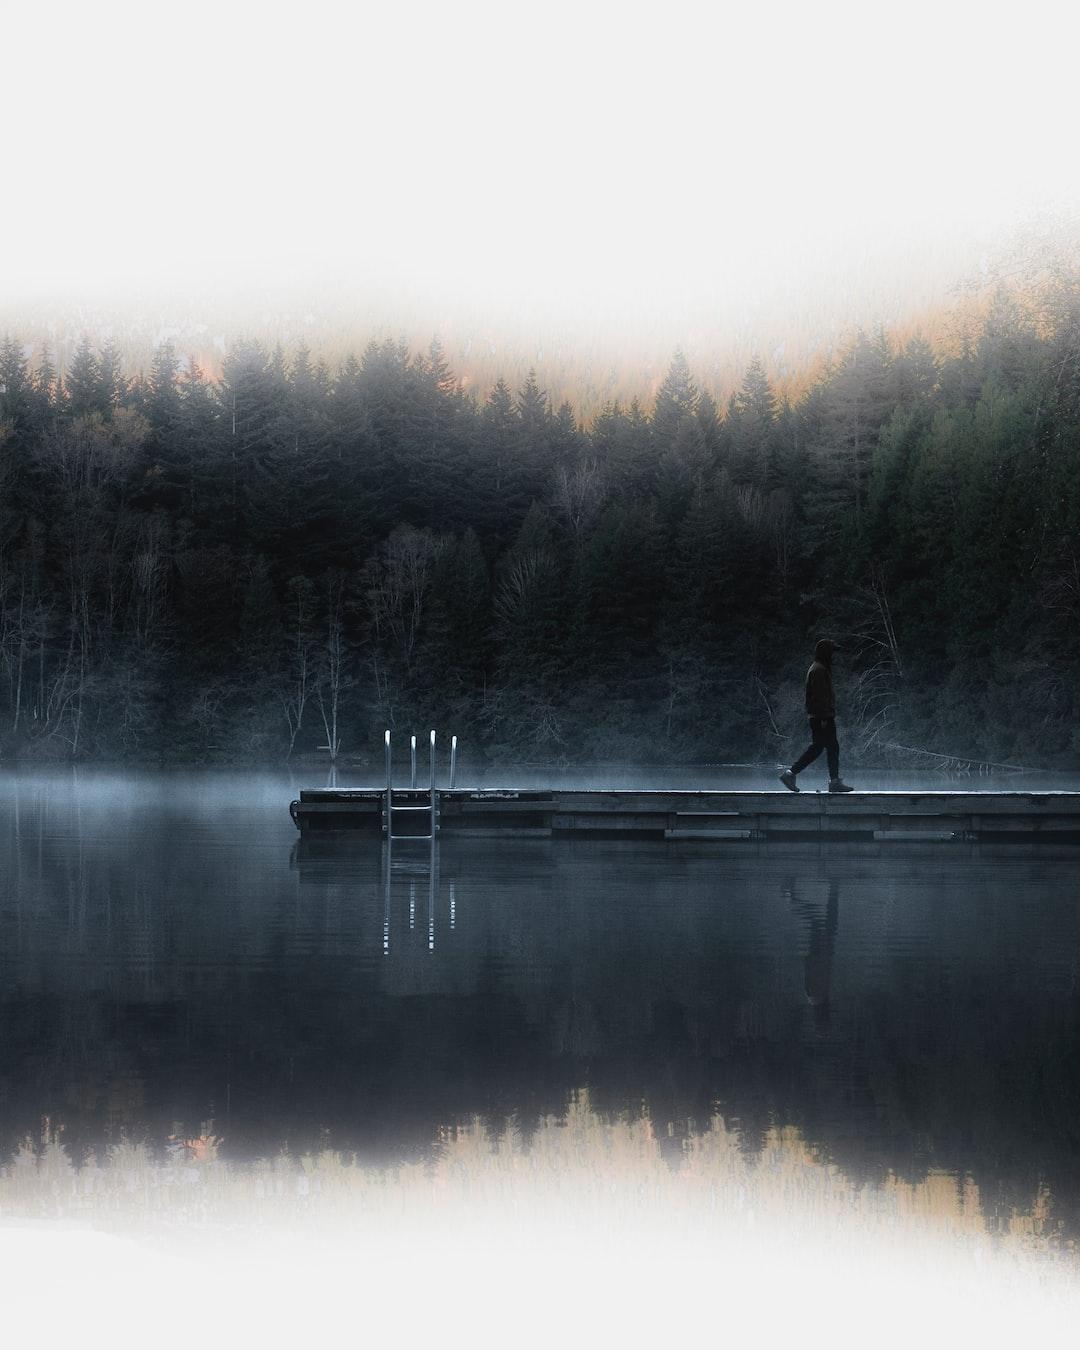 Canadian foggy day